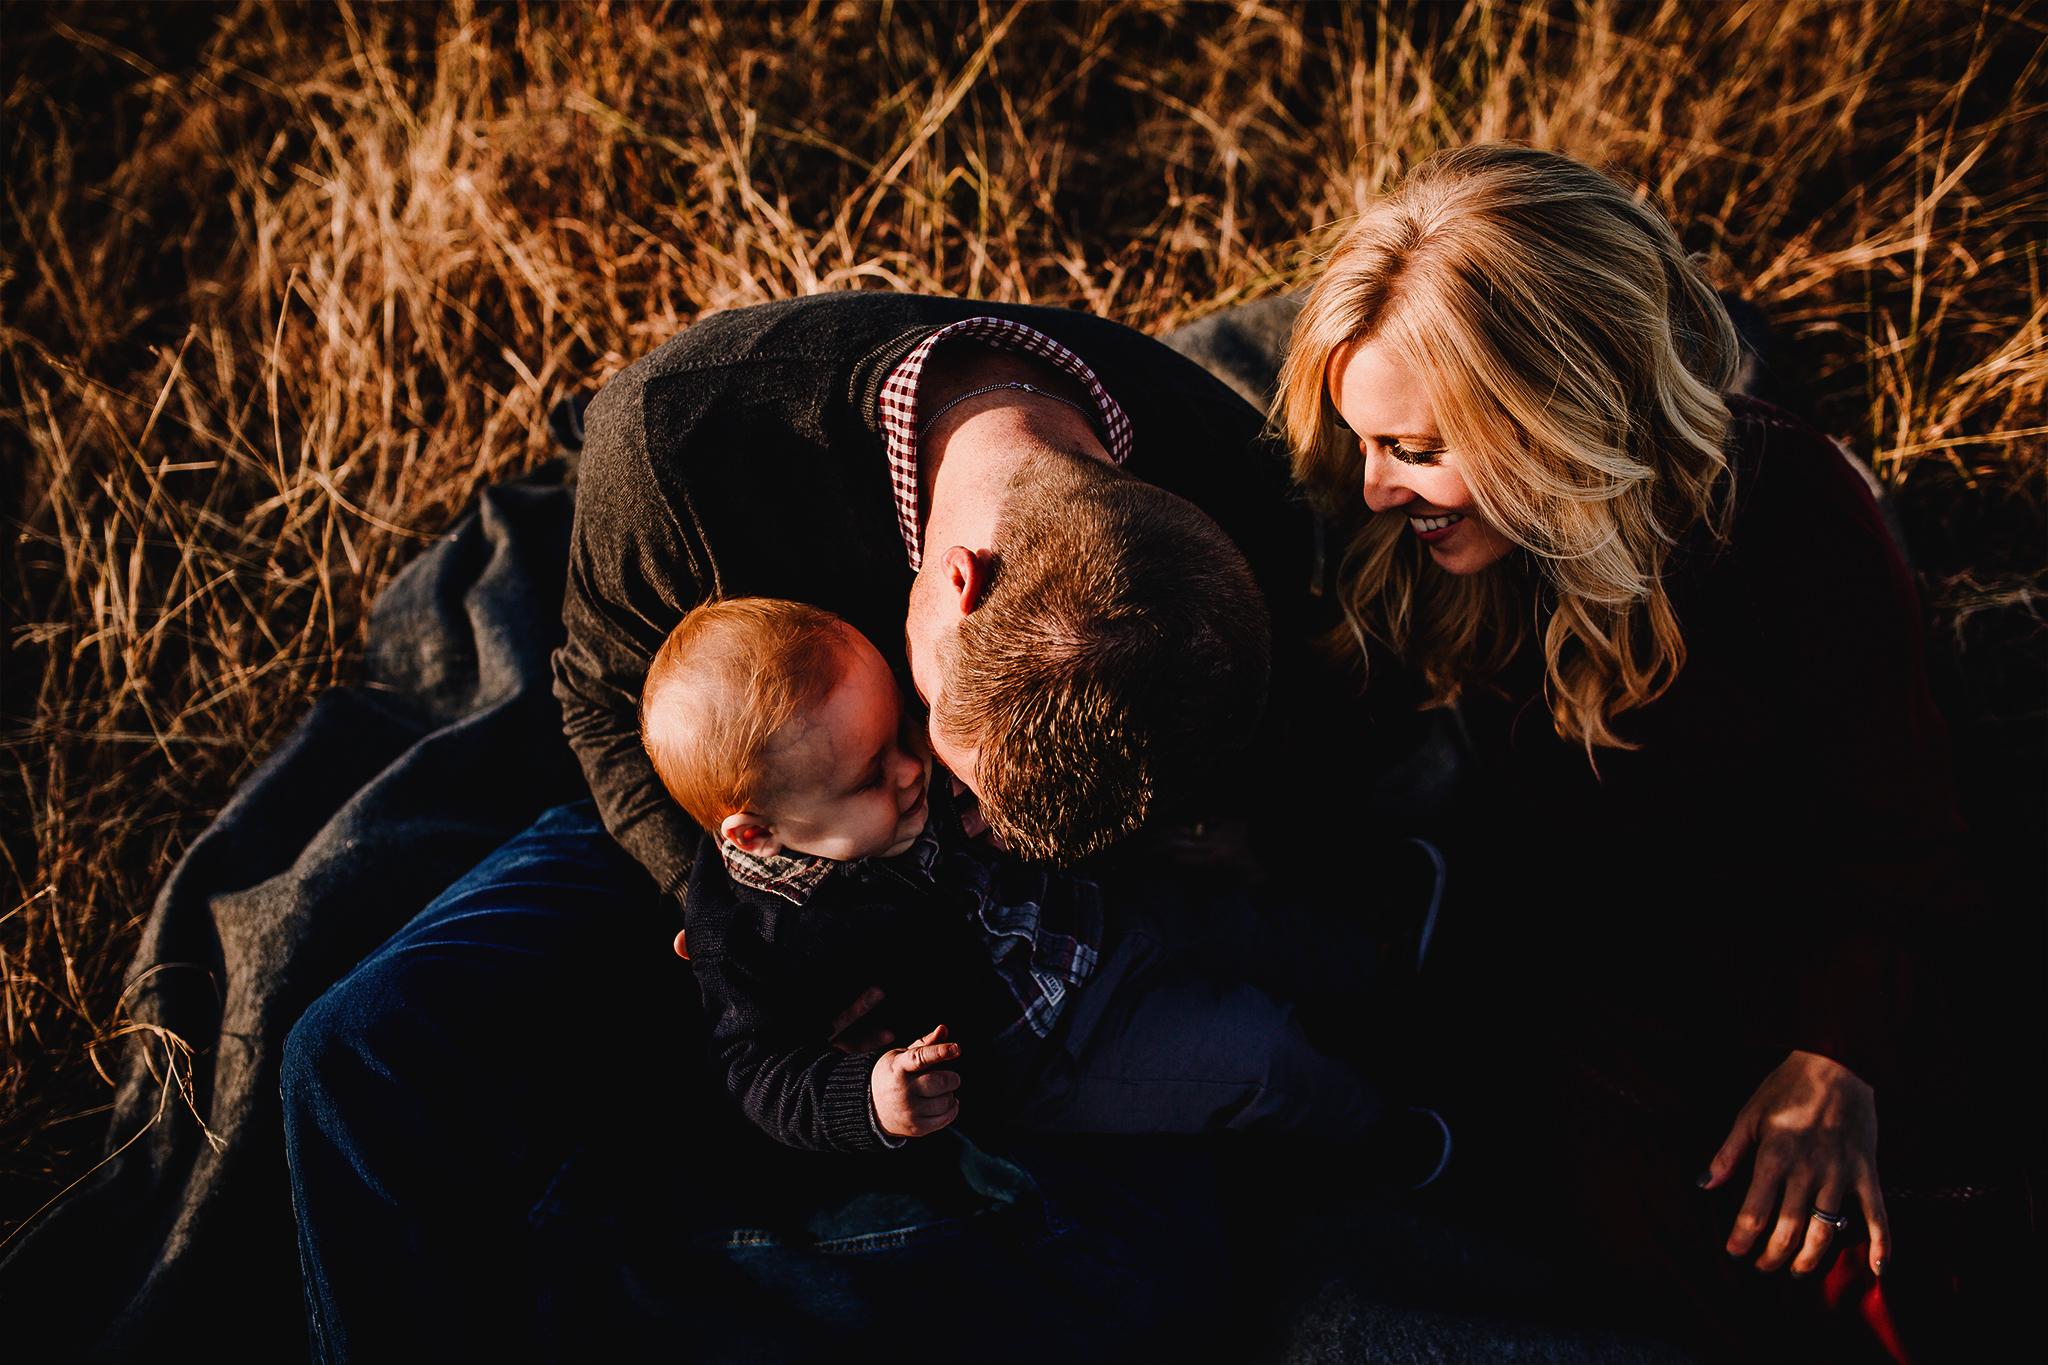 AlyssaAskew-PhotographyByAlyssaAskew-Embrace(2).jpg